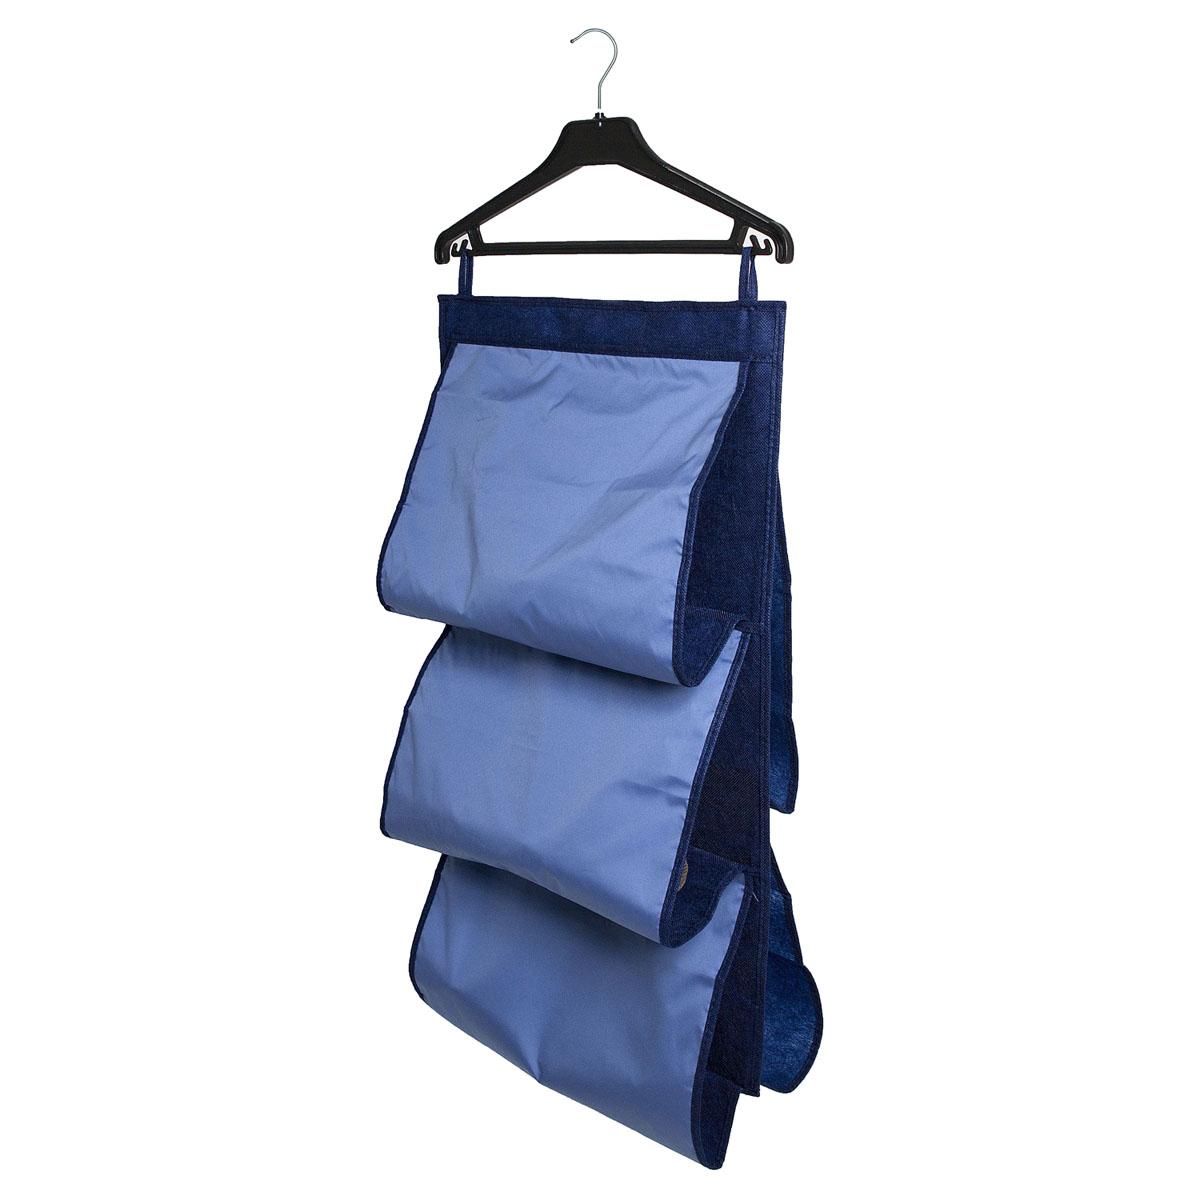 Органайзер для сумок Homsu Bluе Sky, 40 х 70 смHOM-49Подвесной двусторонний органайзер с 5 раздельными ячейками шириной 40см очень удобен для хранения вещей в вашем шкафу. Идеально для сумок, клатчей и других вещей ежедневного пользования. Фактический цвет может отличаться от заявленного.